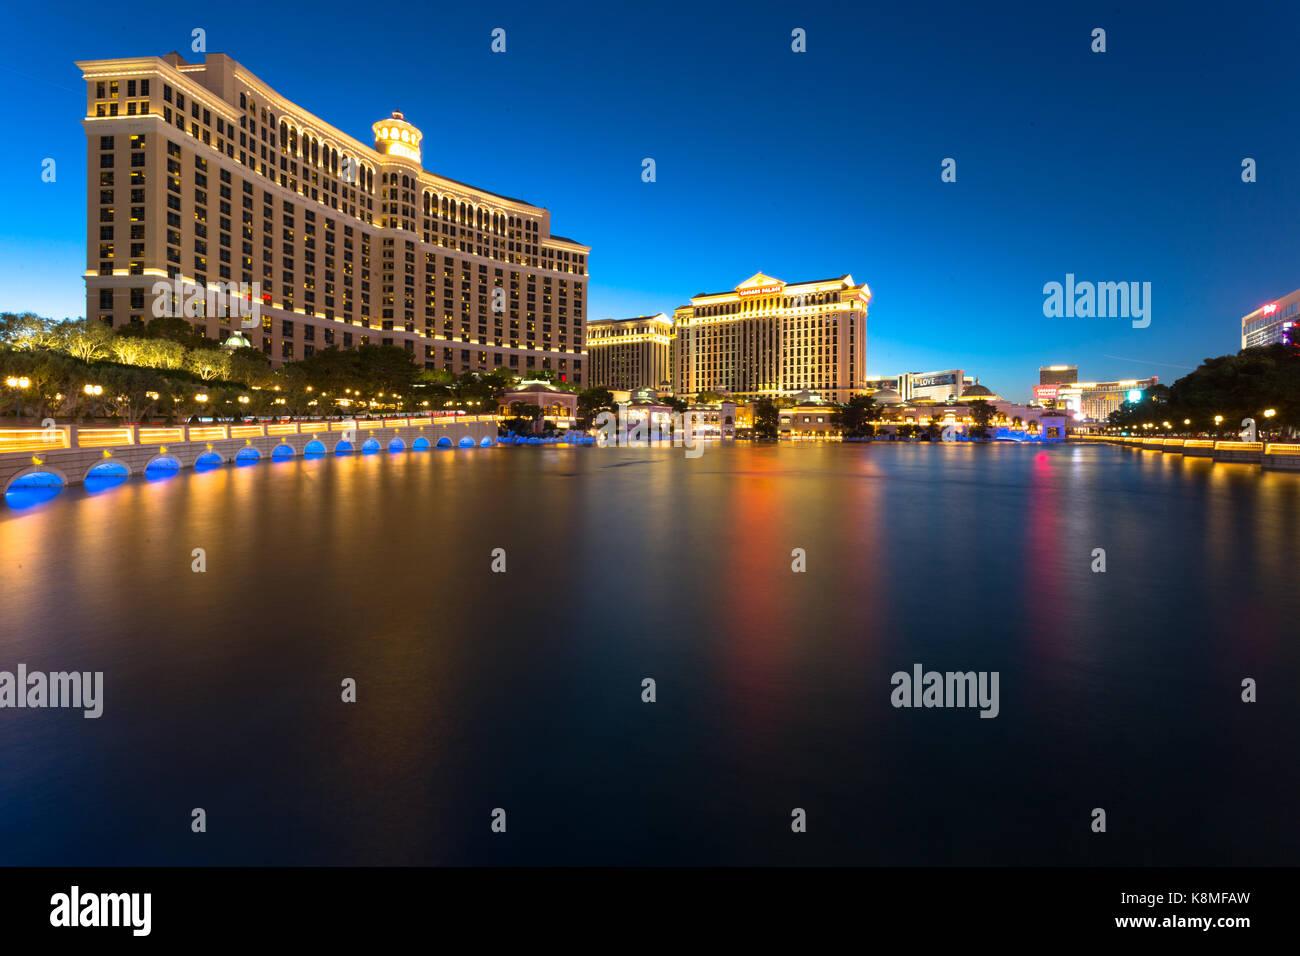 Una lunga esposizione del Bellagio hotel e casino di notte contro il cielo blu scuro - Las Vegas, nanovolt Immagini Stock